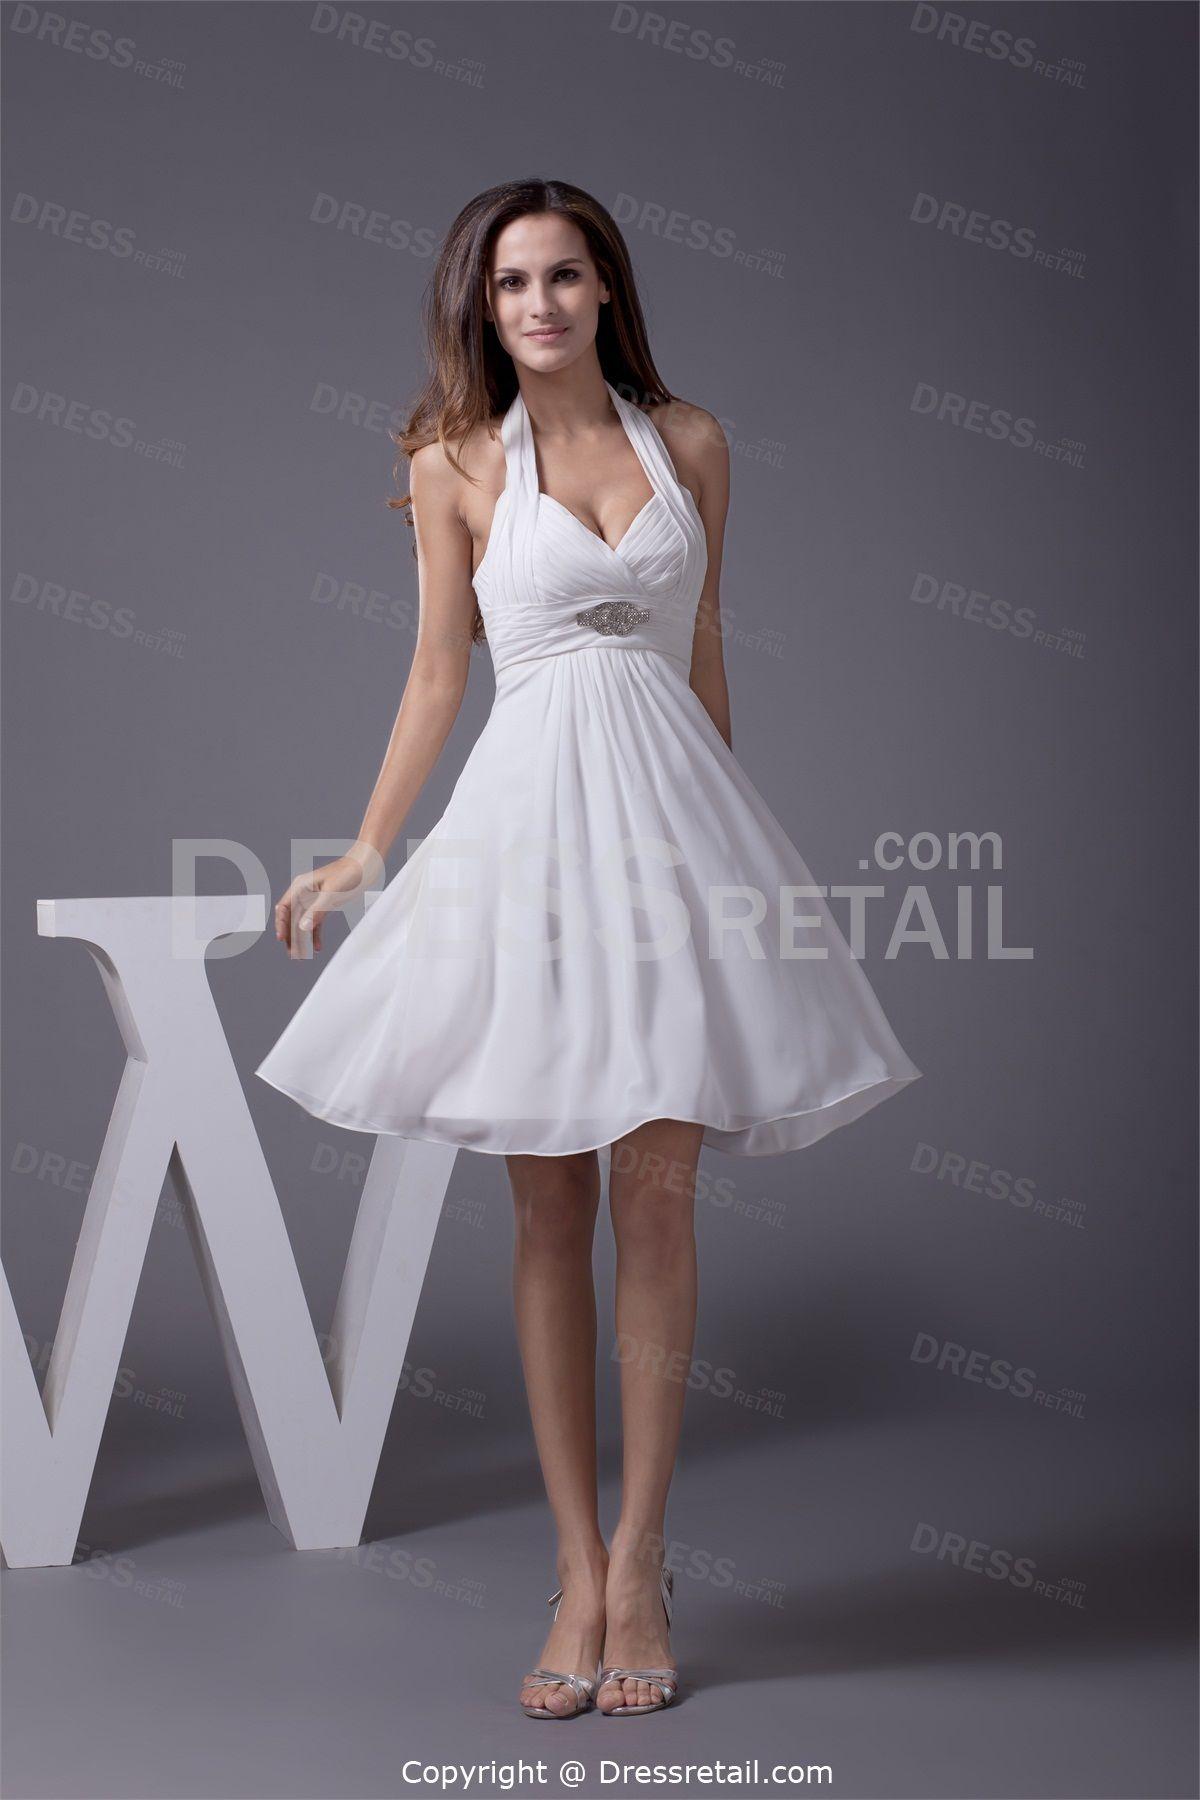 Elegant short mini chiffon halter white bridesmaid dress elegant short mini chiffon halter white bridesmaid dress ombrellifo Choice Image